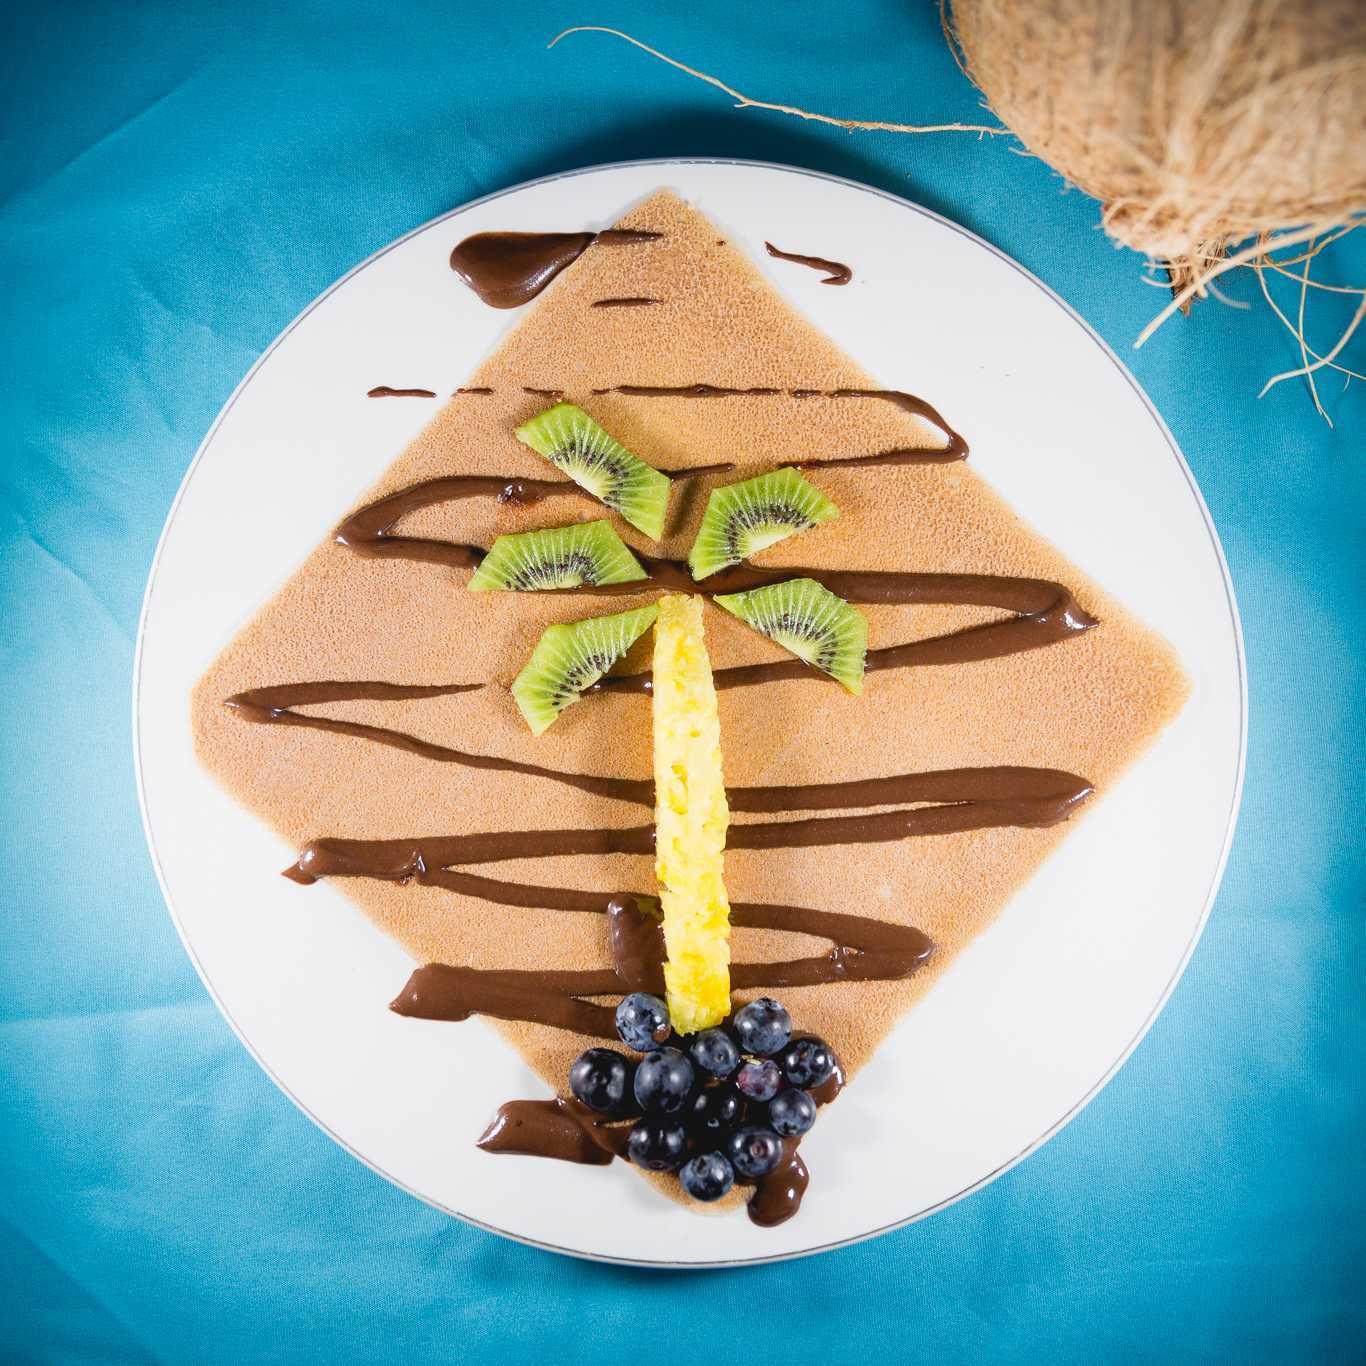 kiwi-palmtree-coconut-wrap